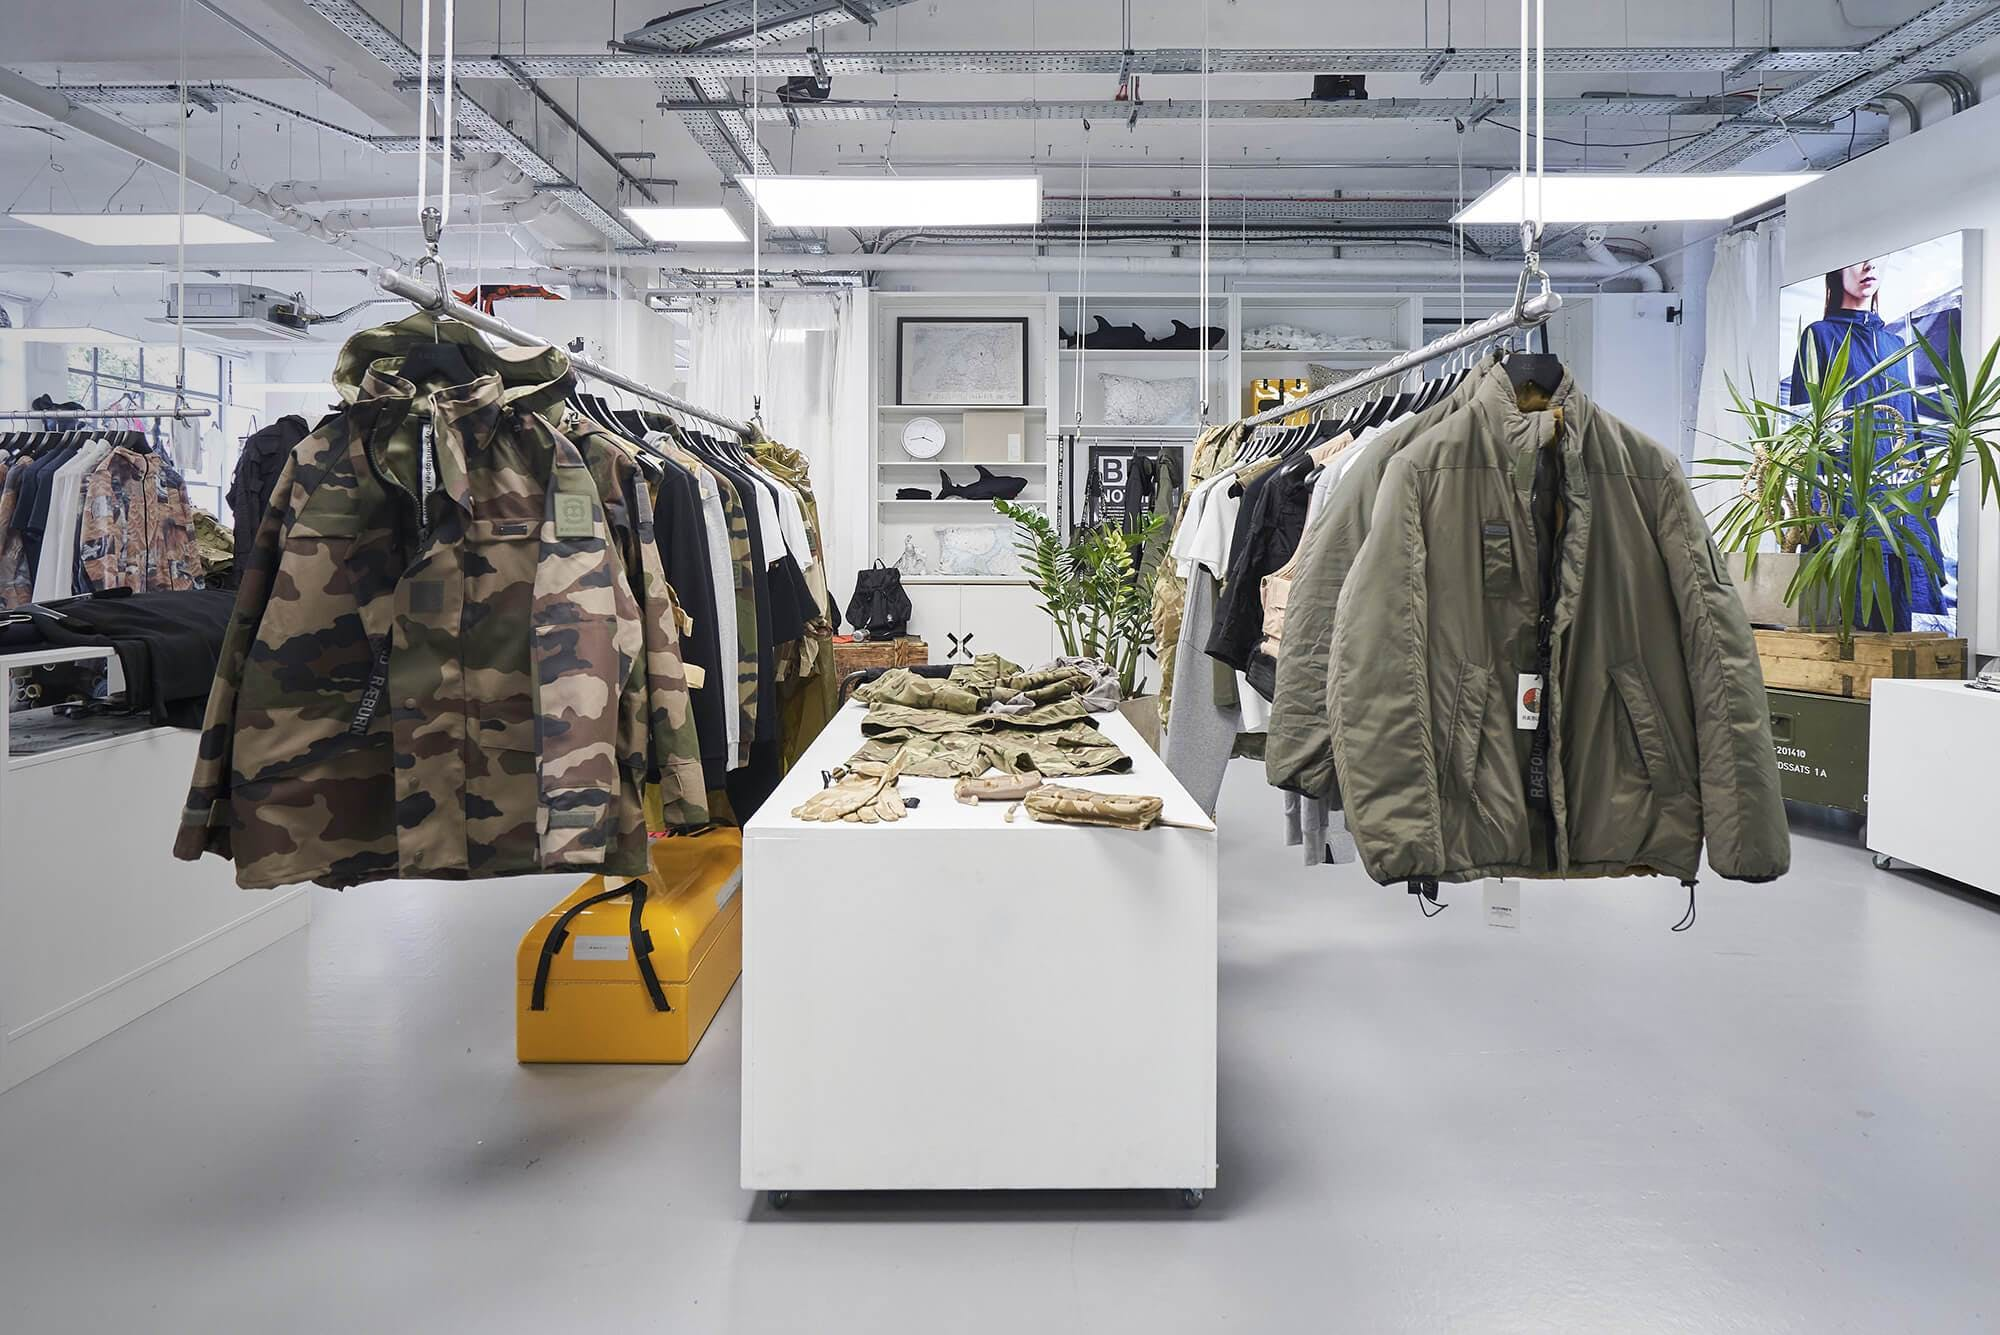 inside a clothes shop